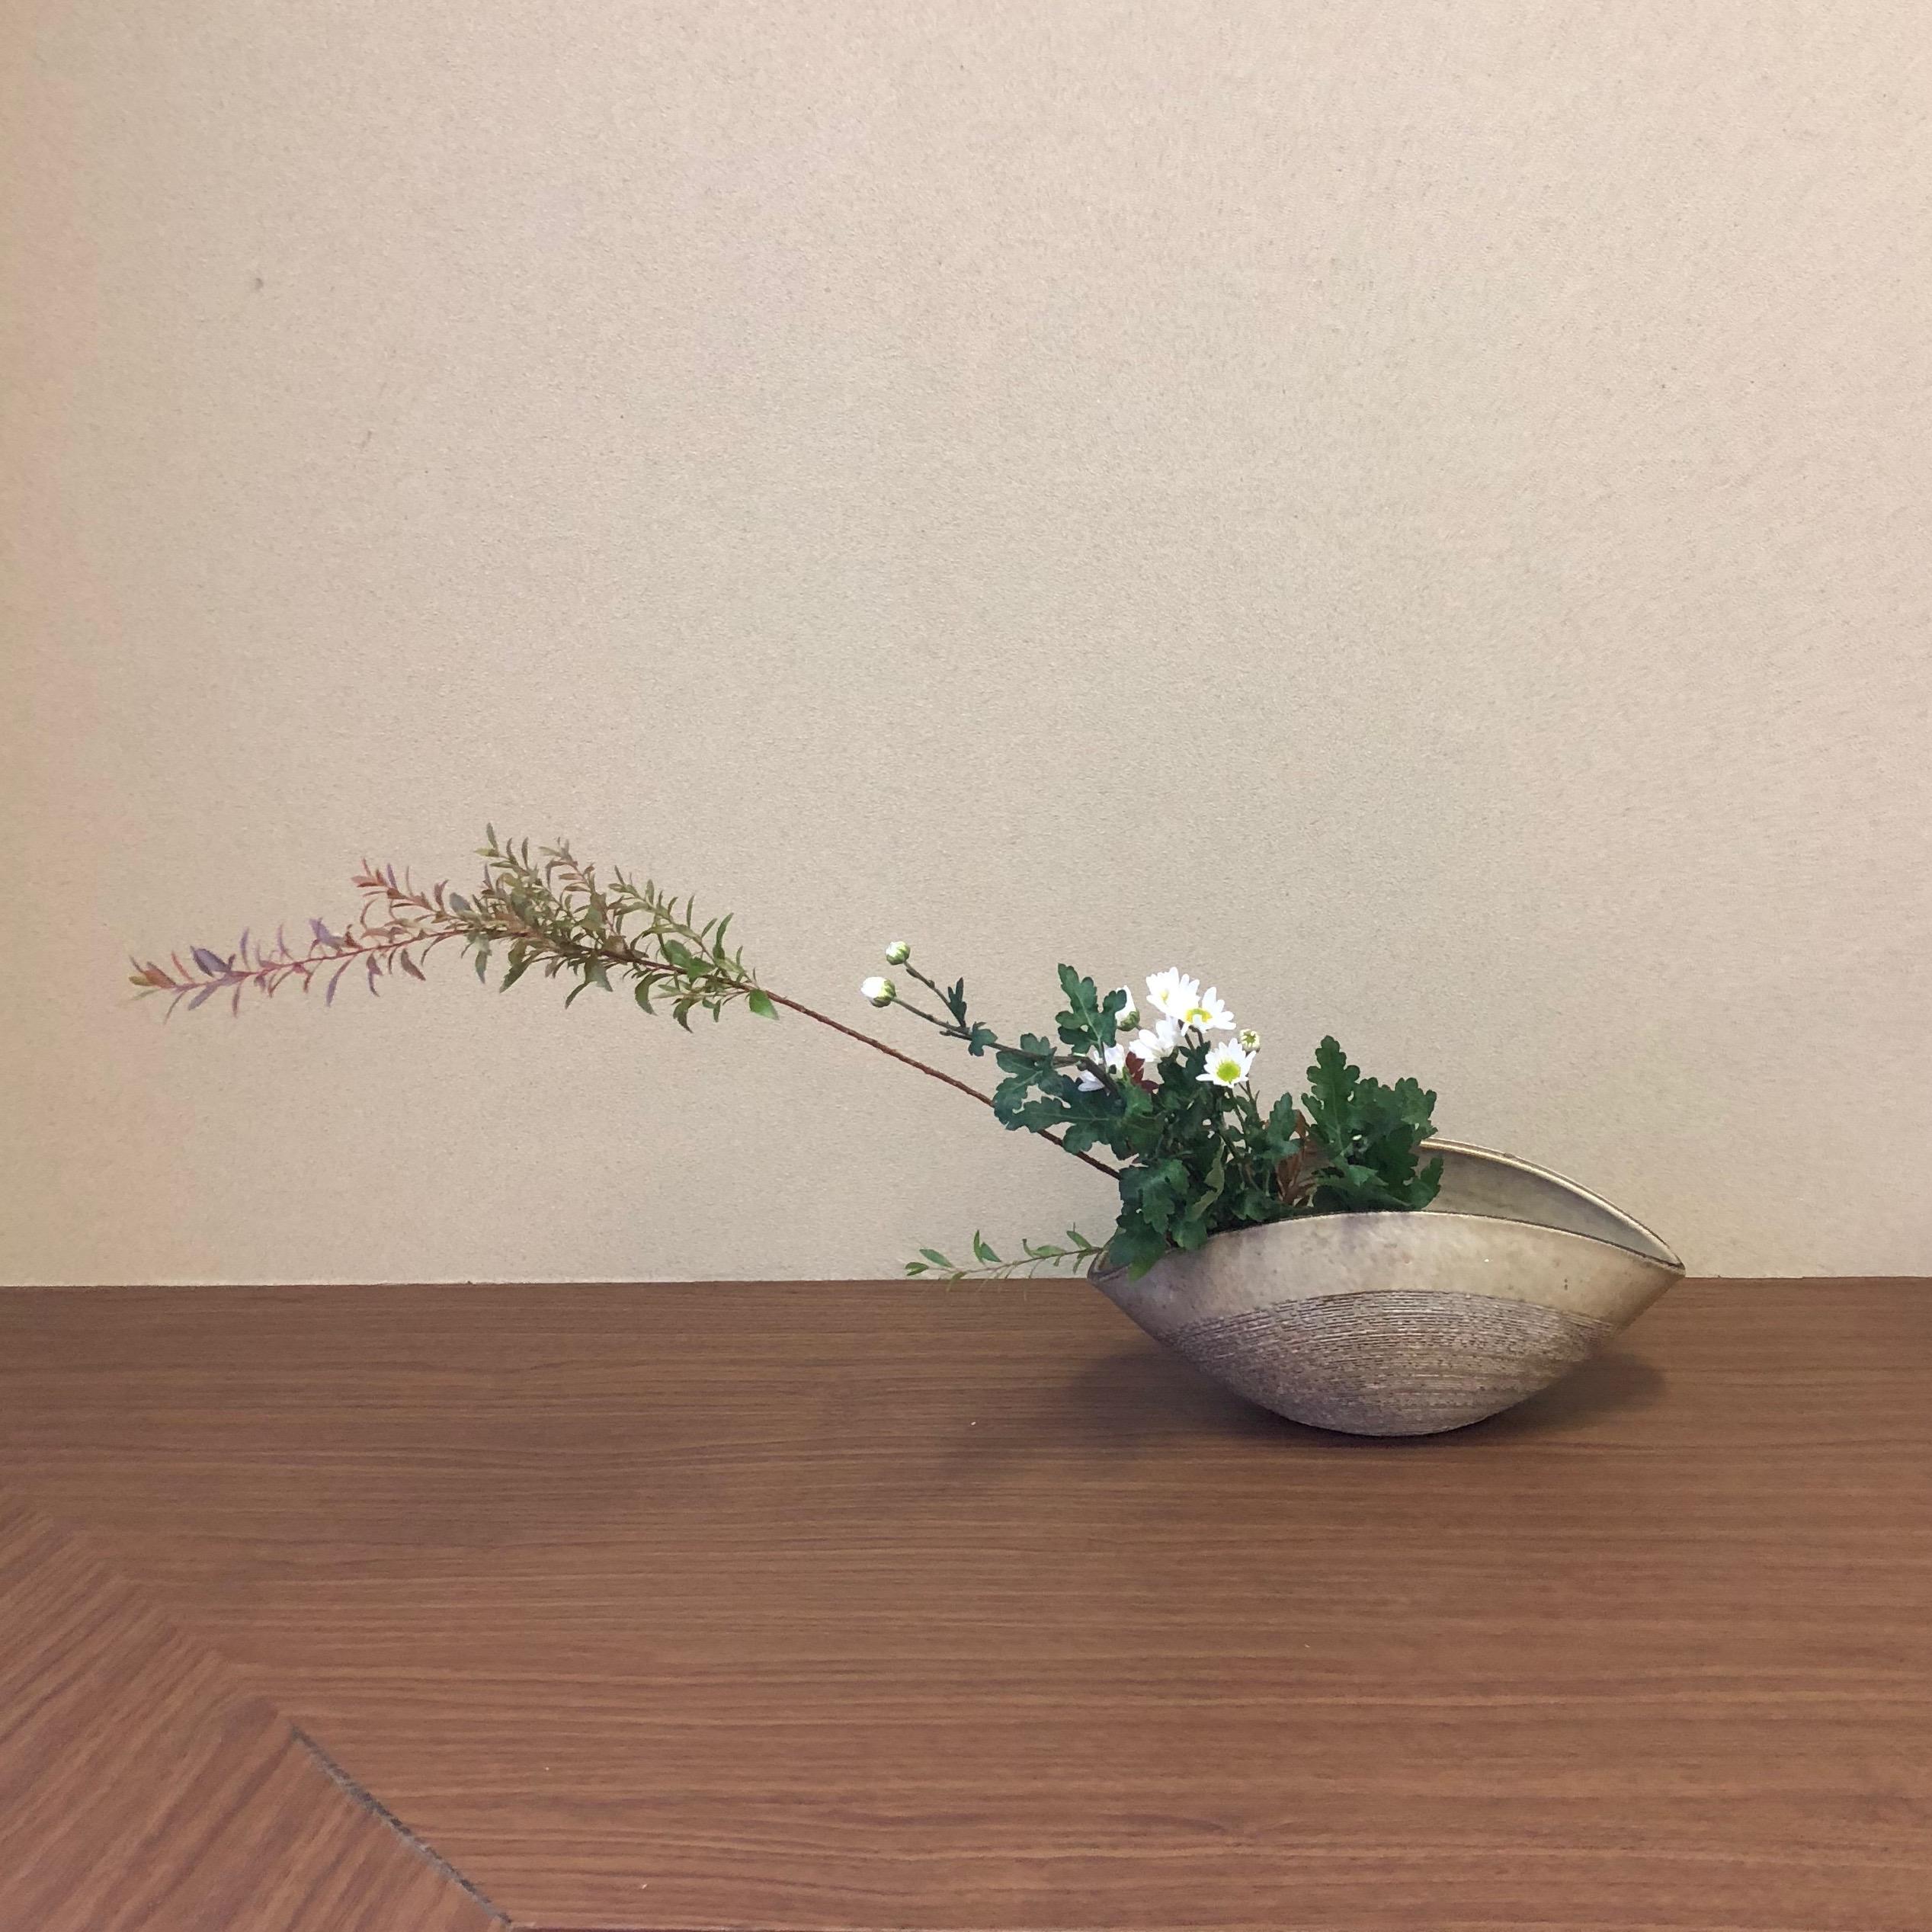 【活動紹介】生け花教室に通い始めました!